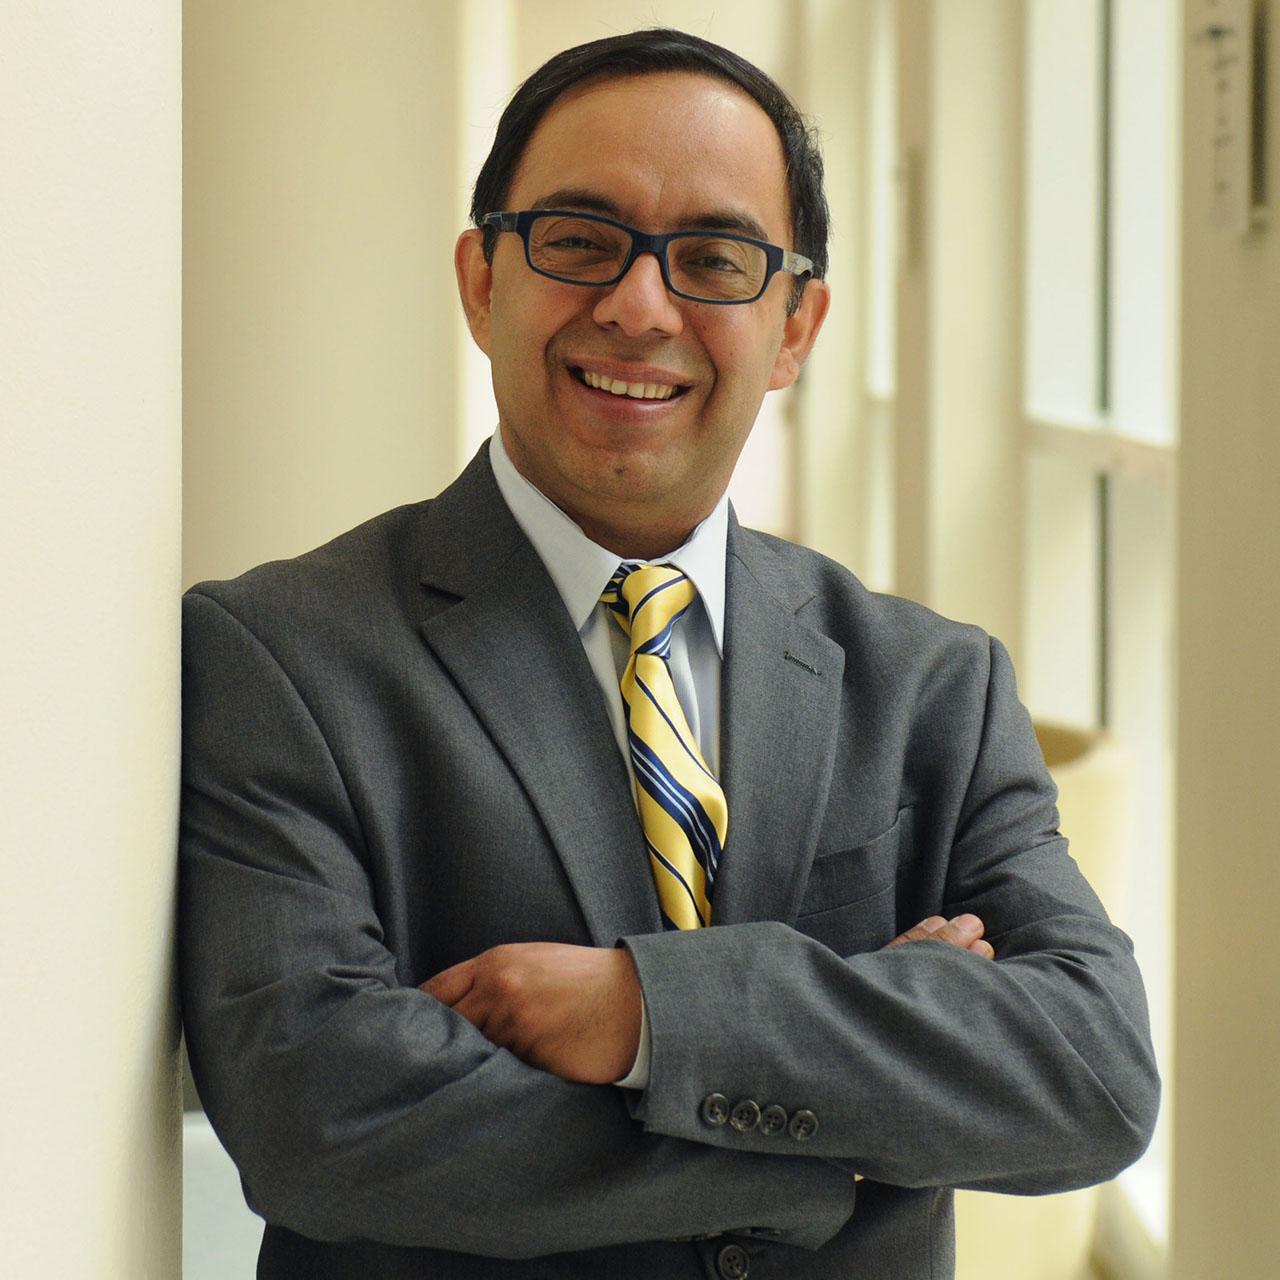 Associate Professor Manpreet Hora